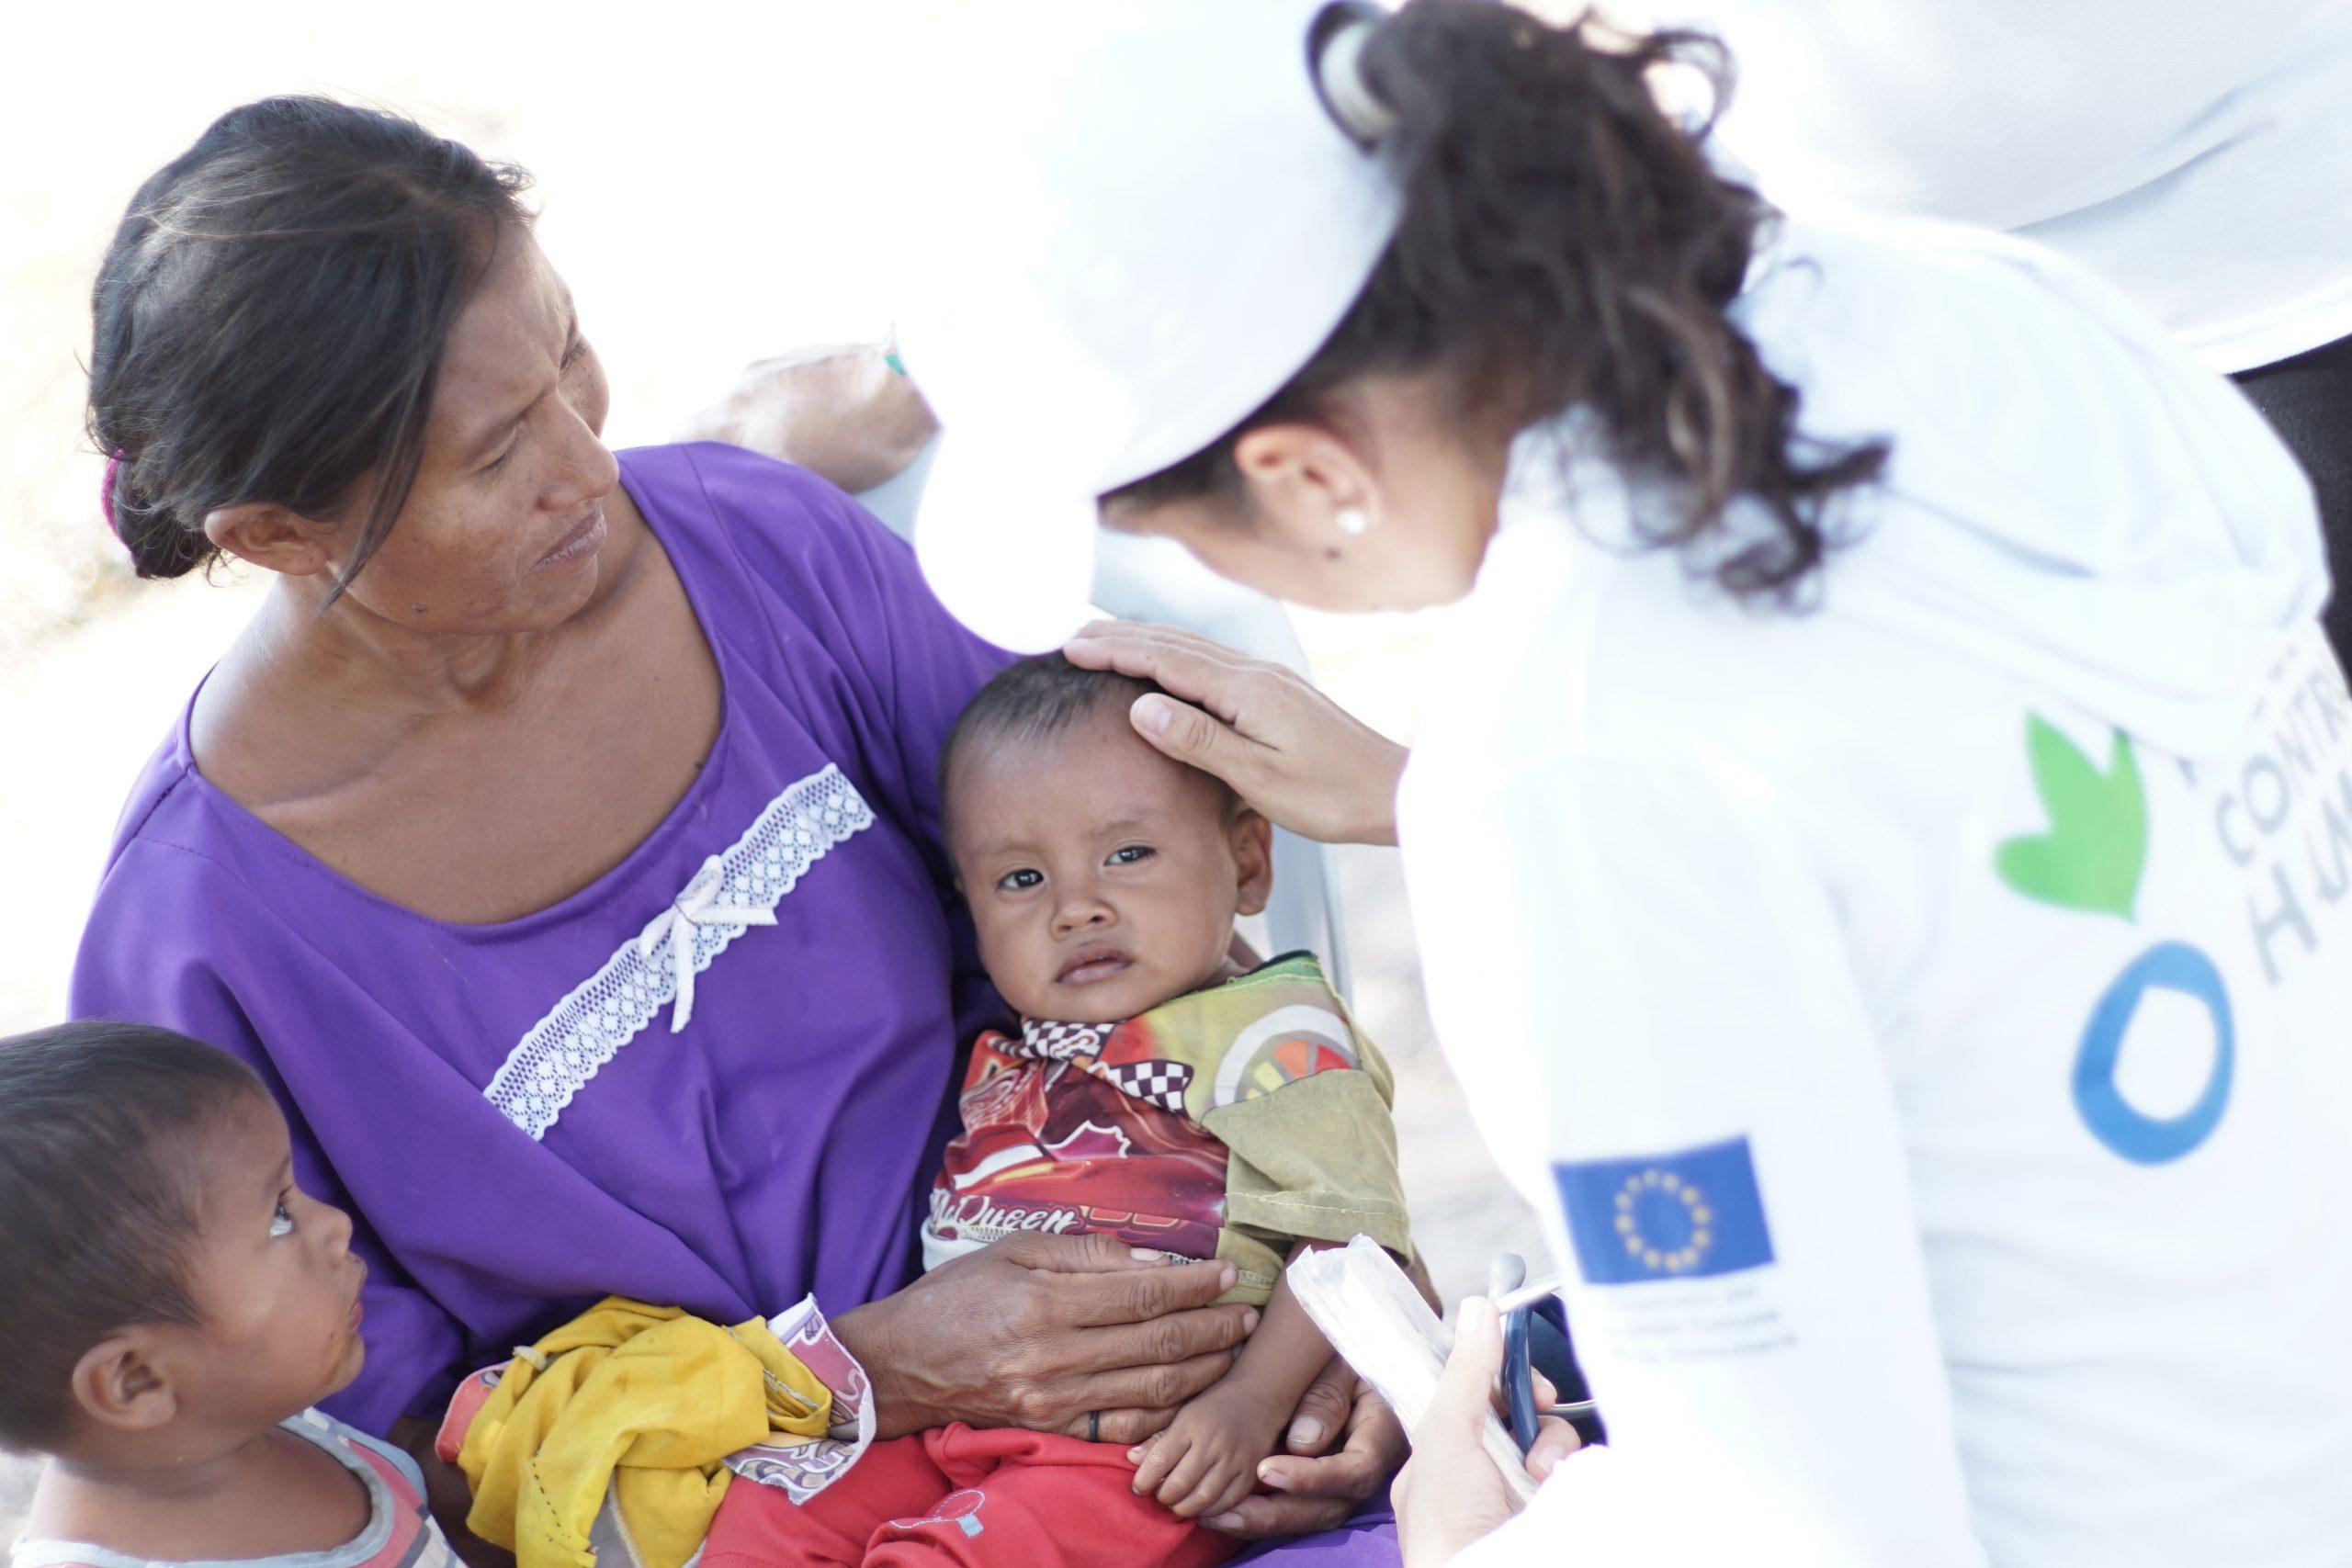 RESPUESTA HUMANITARIA A LA EMERGENCIA EN ARAUQUITA, ARAUCA, POR DESPLAZAMIENTO DE CERCA DE 5.000 PERSONAS DESDE VENEZUELA HACIA COLOMBIA